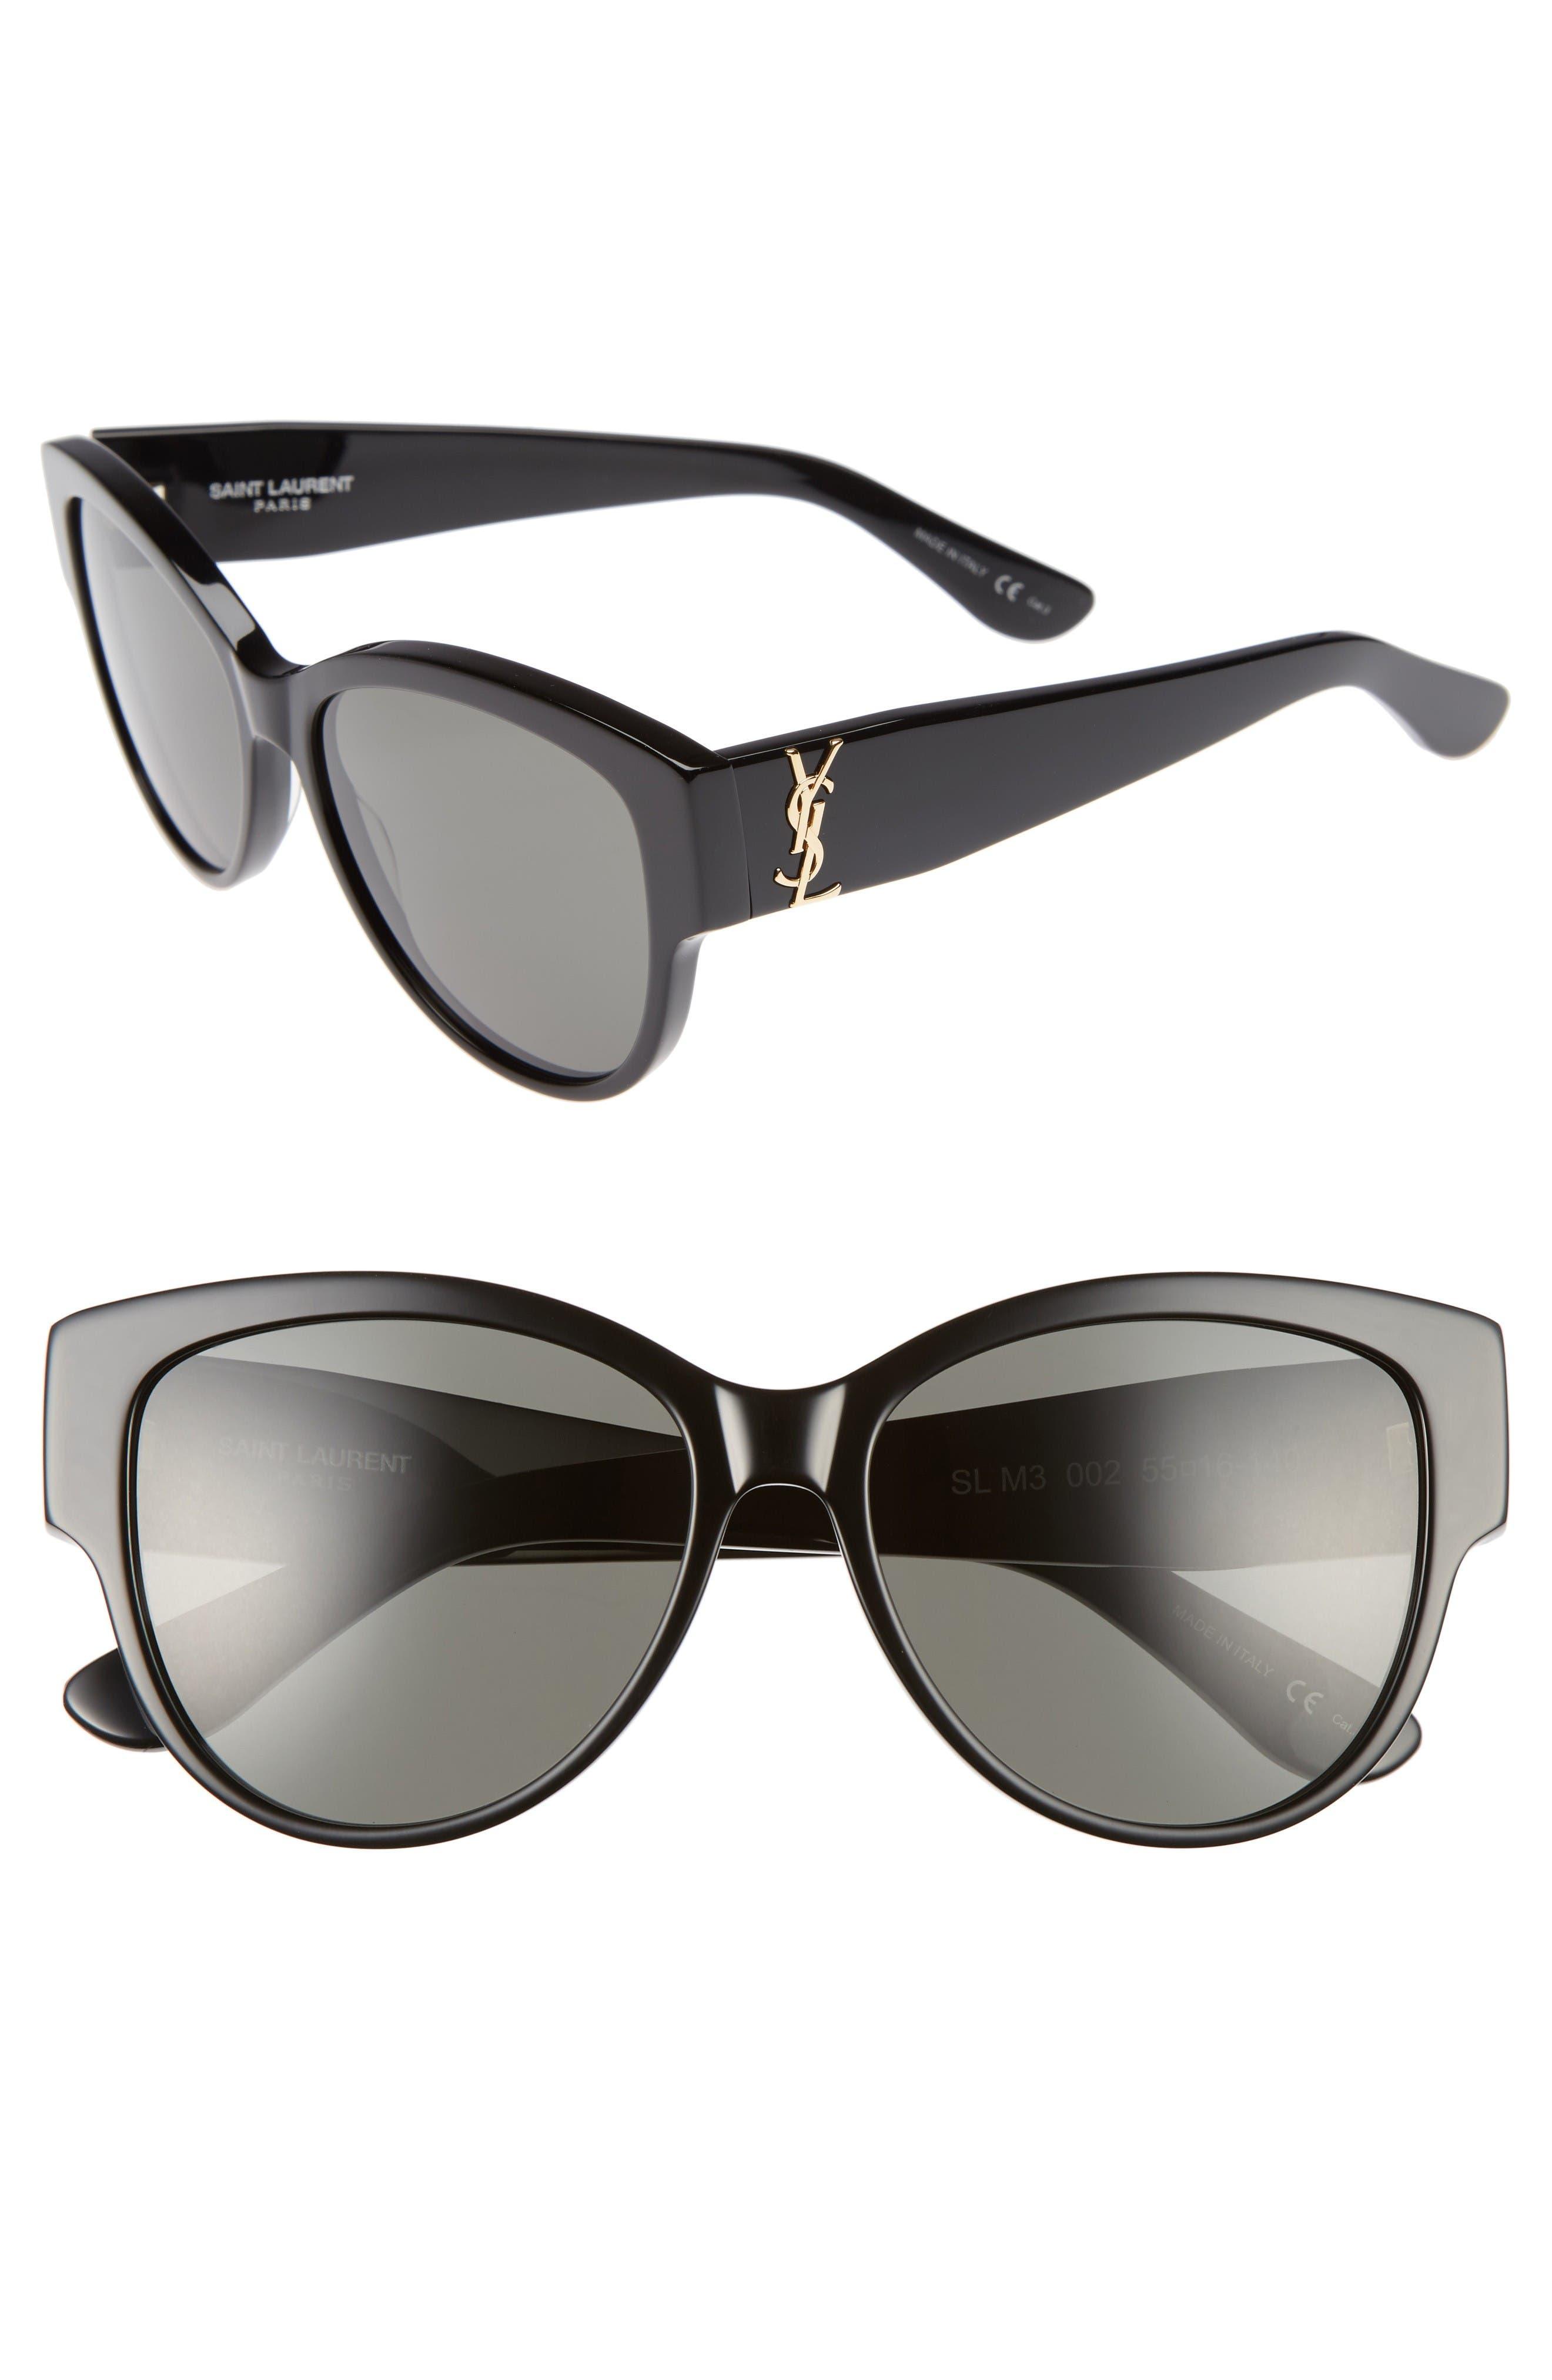 c6f48d22f3ef5 Saint Laurent Sunglasses for Women